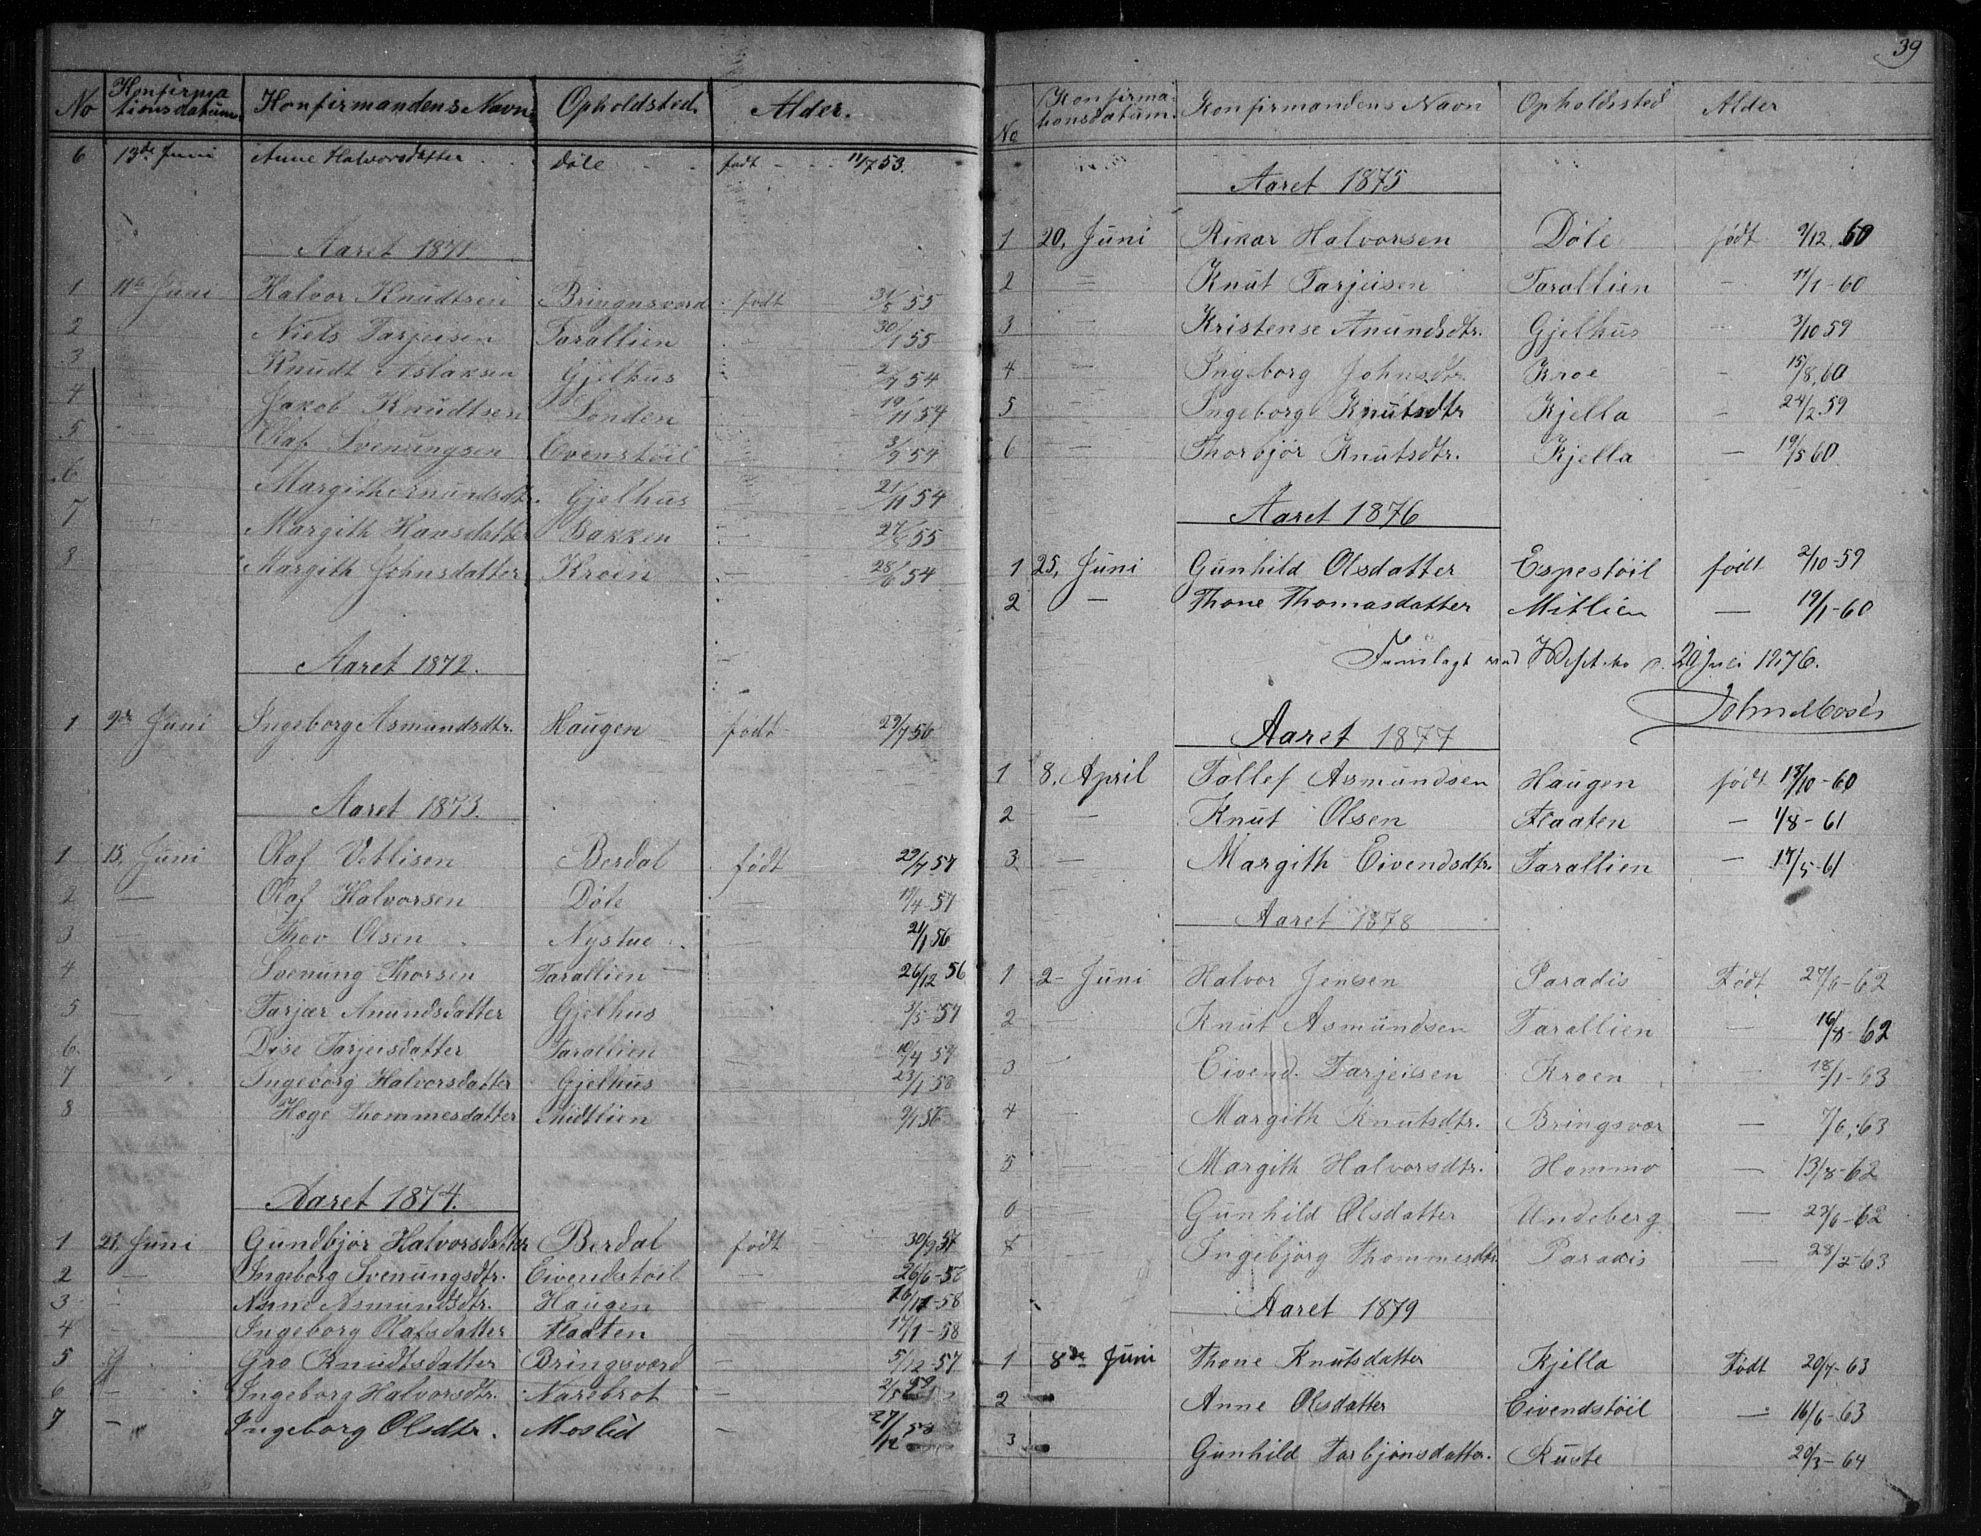 SAKO, Vinje kirkebøker, G/Gb/L0002: Klokkerbok nr. II 2, 1849-1891, s. 39